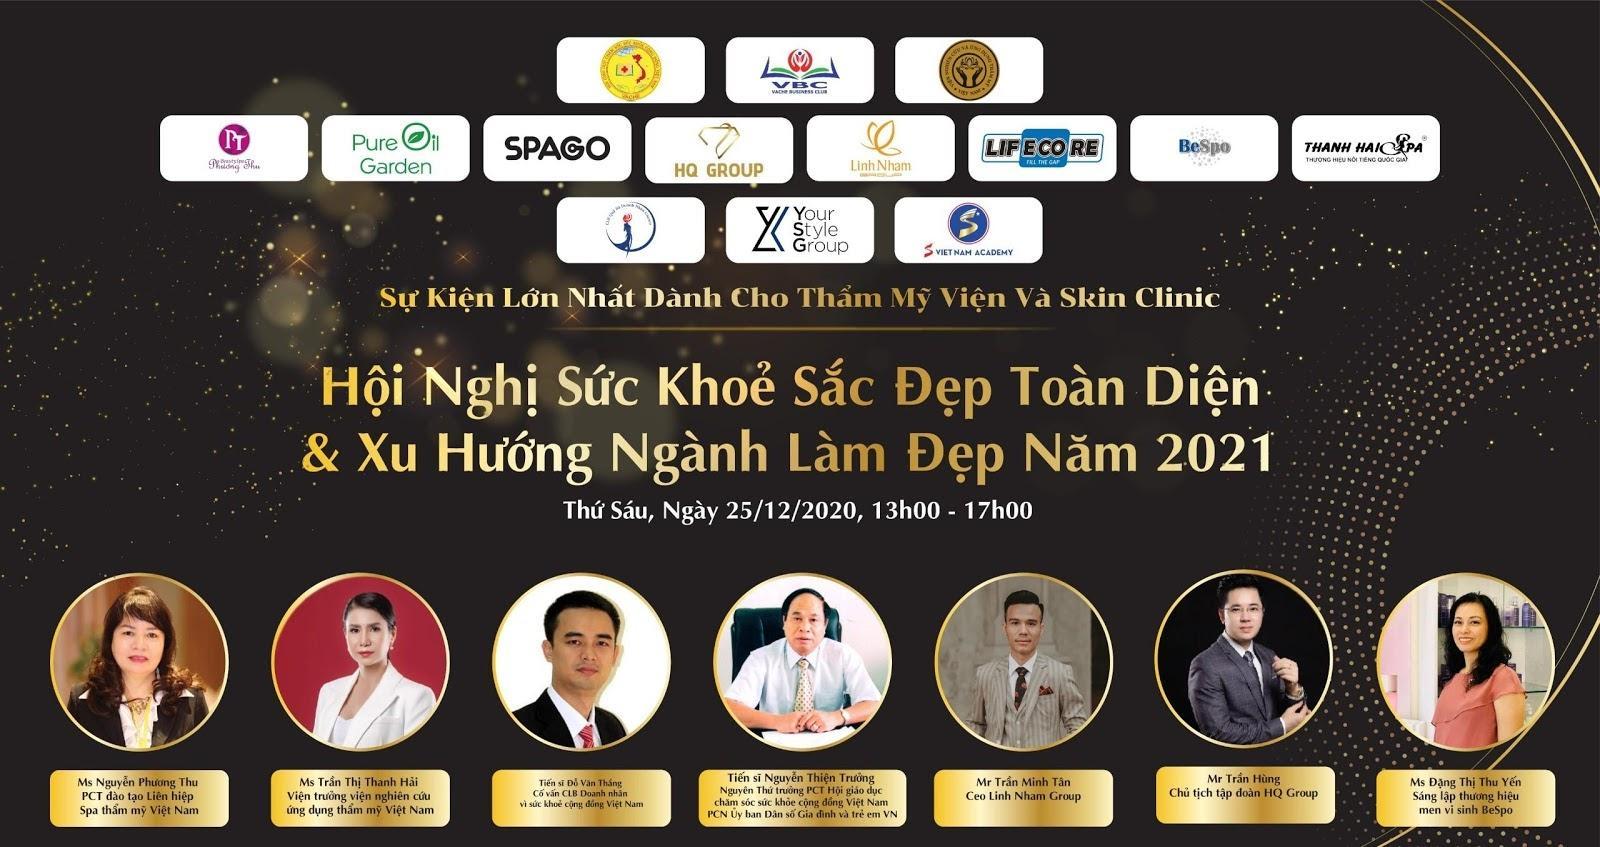 Công ty Cổ phần Shaha Việt Nam - Nhà tài trợ đồng cho Hội nghị sức khỏe sắc đẹp toàn diện và xu hướng ngành làm đẹp 2021 - Ảnh 9